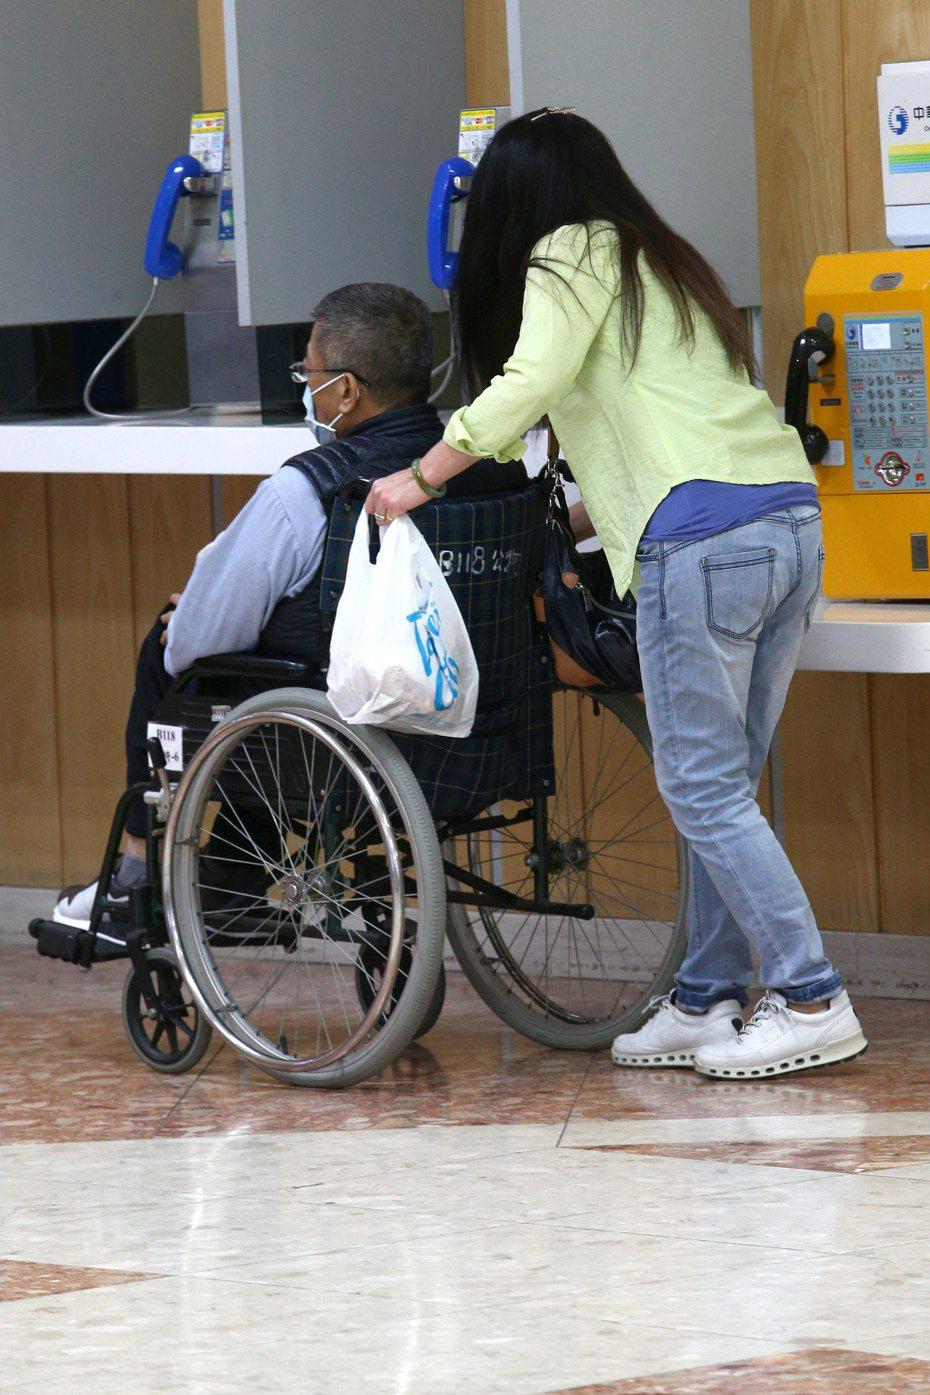 中區國稅局提醒,具聘僱外籍看護工資格者,如屬在家自行照顧,除已取具身心障礙證明或手冊,且可判讀符合列報資格者外,須在今年12月31日前至指定醫療機構進行巴氏量表評估。 圖/聯合報系資料照片